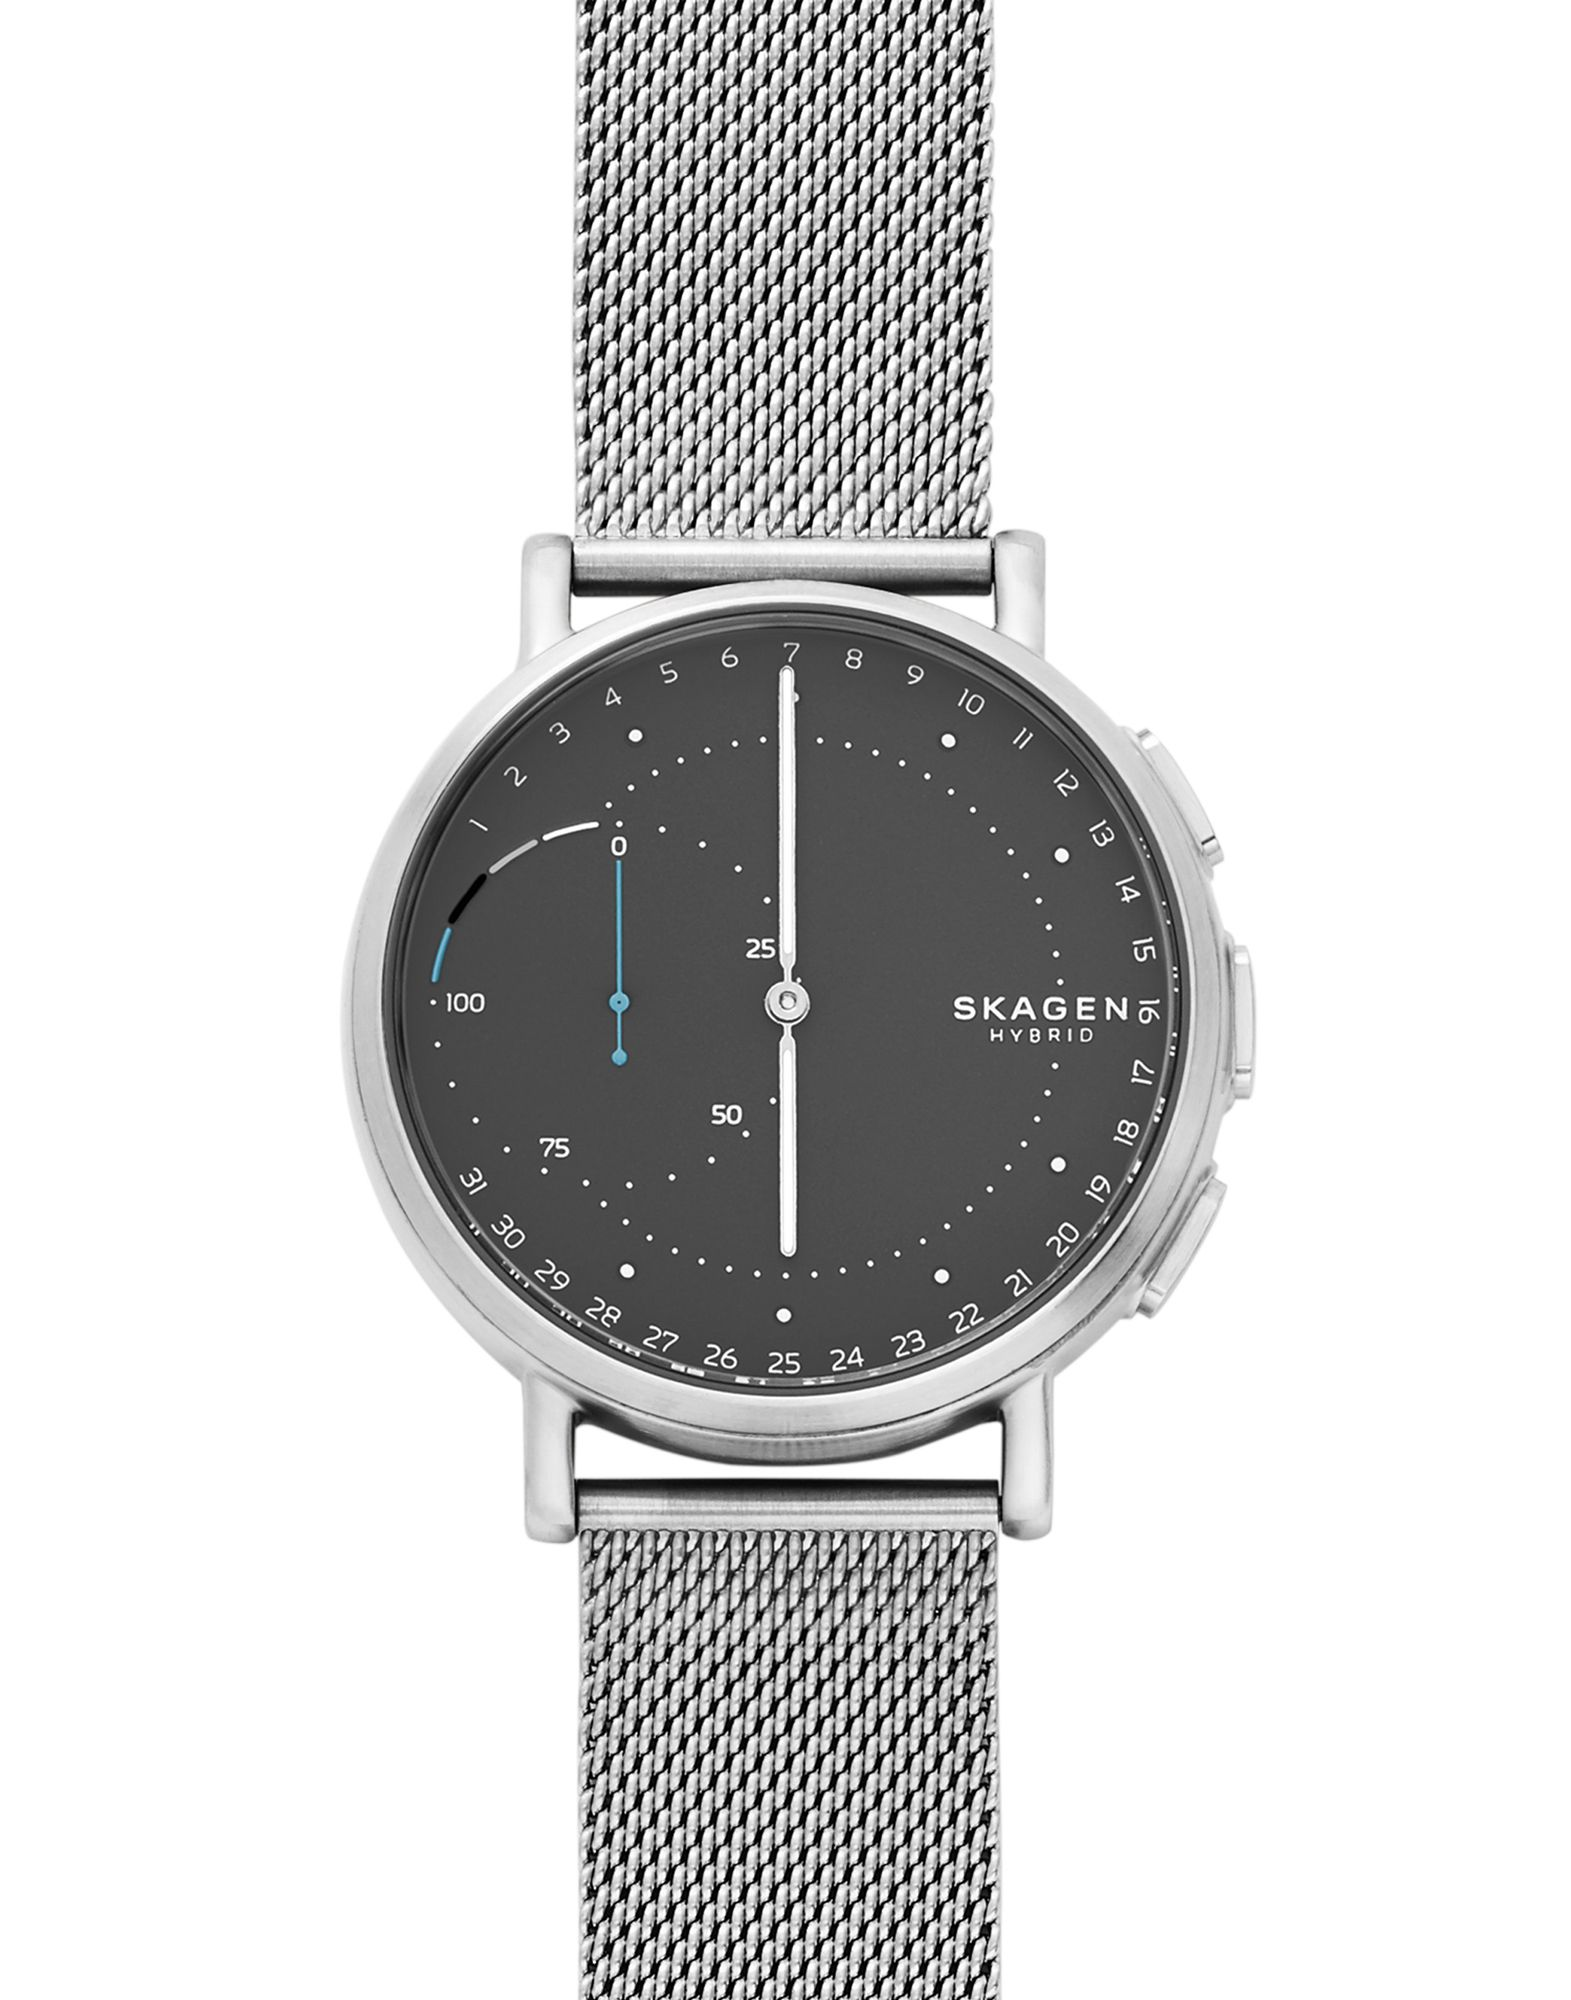 SKAGEN CONNECTED Herren Smartwatch Farbe Granitgrau Größe 1 - broschei